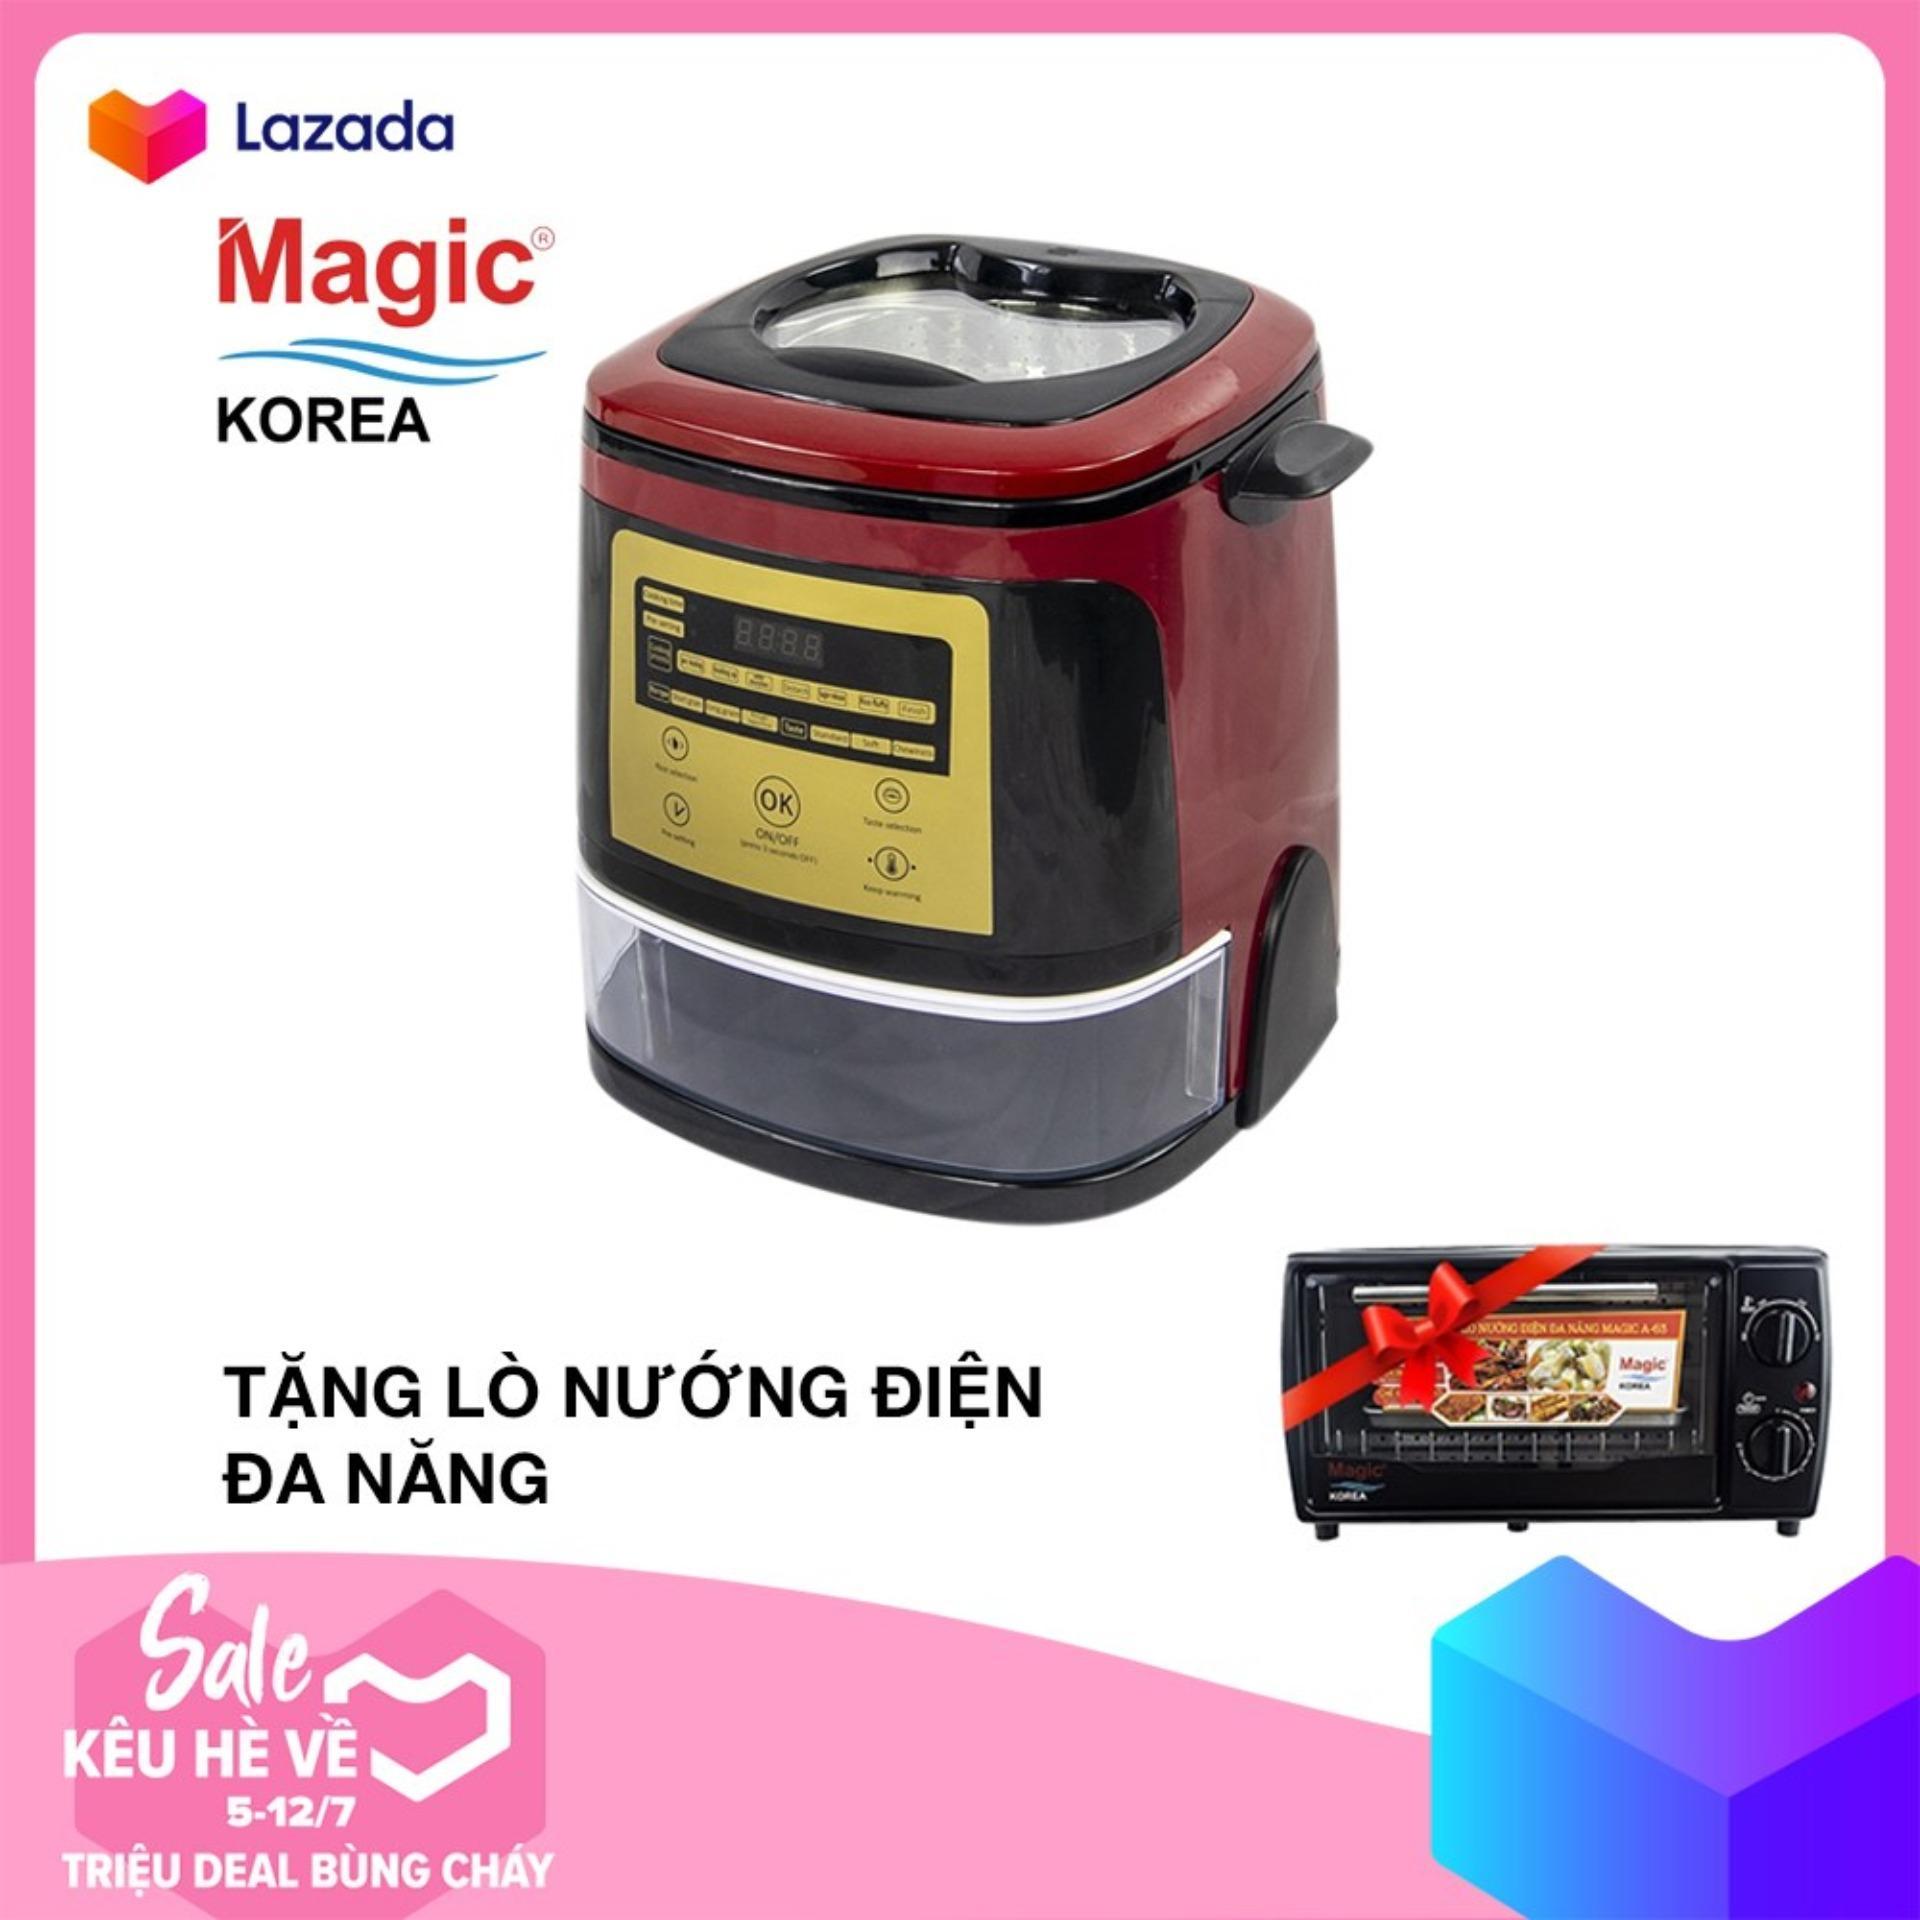 Nồi cơm điện tử tách đường Magic Korea A510 (1.5L) Tặng Lò nướng điện đa năng Magic Korea A63 (12 lít) trị giá 799k